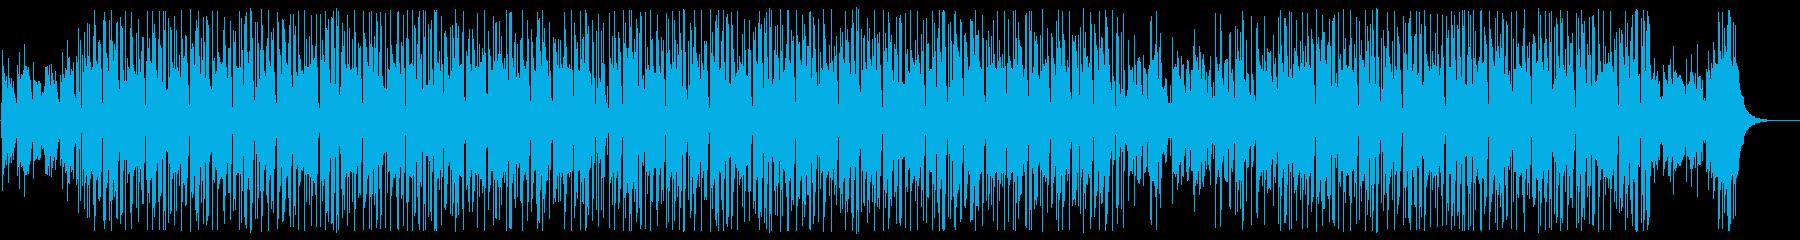 ペットや子供のための癒し系BGMの再生済みの波形